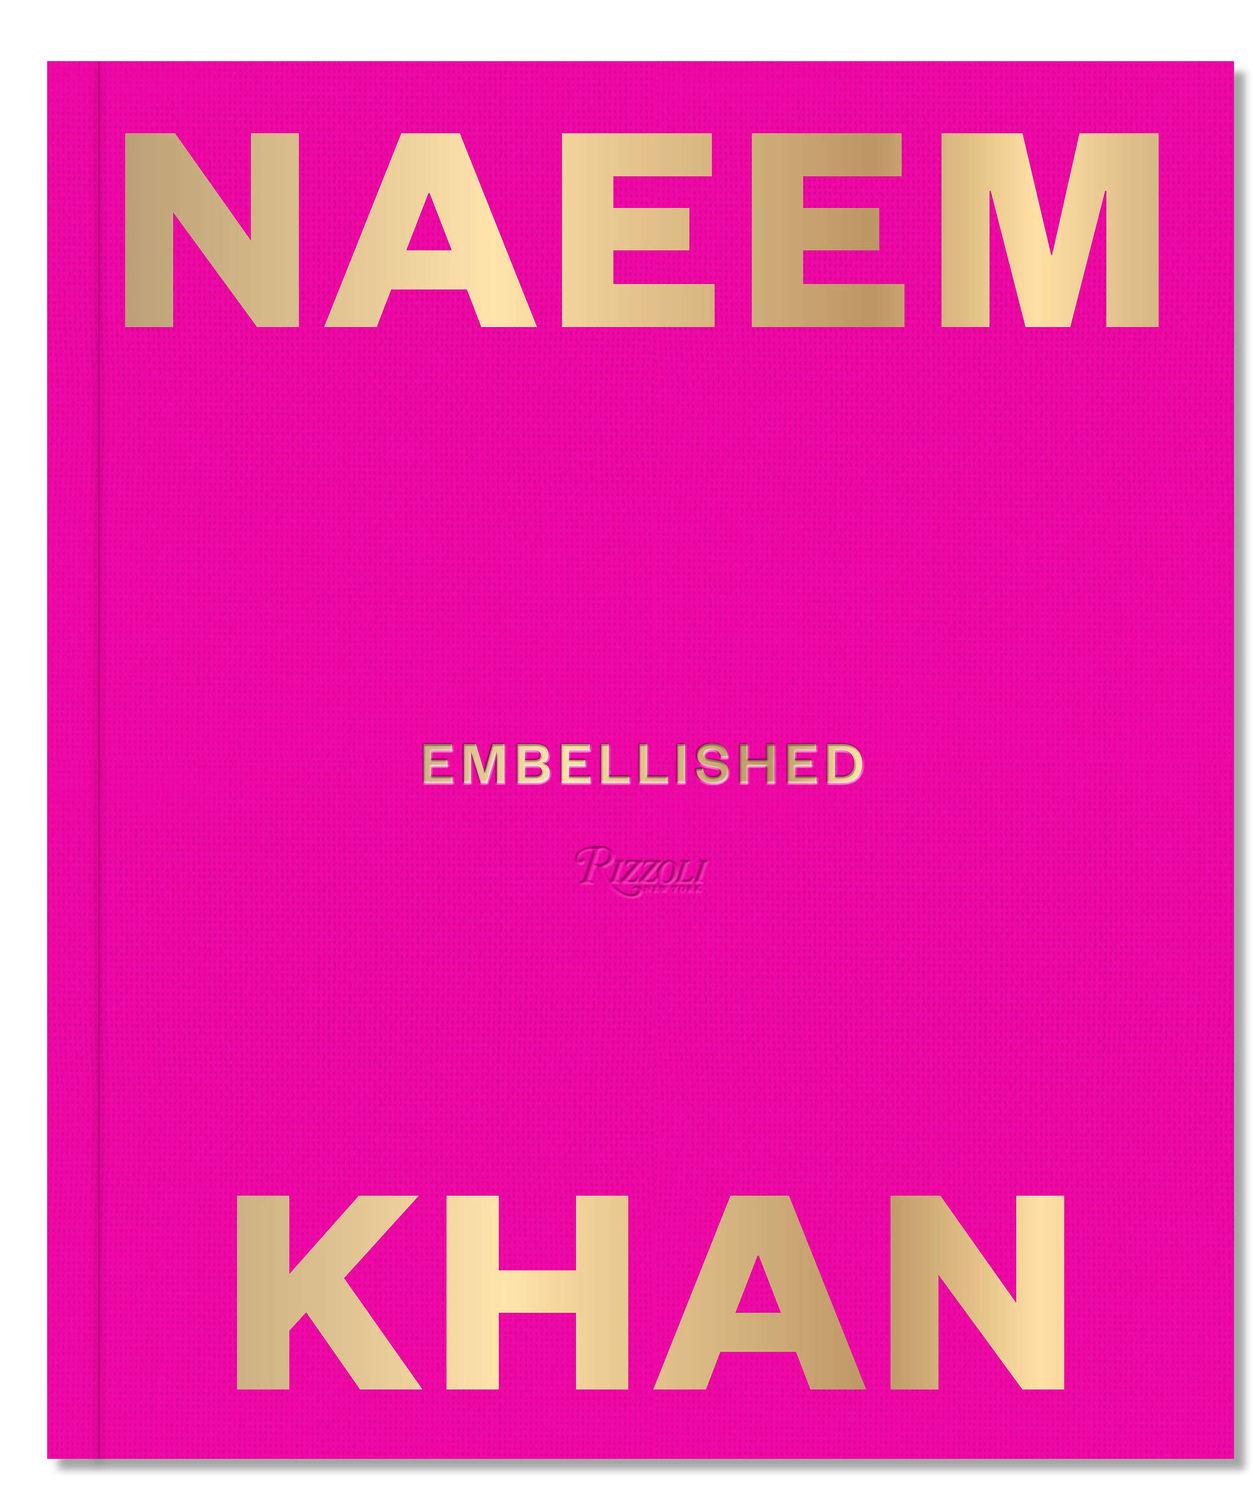 naeem-khan - THE EDGE SINGAPORE